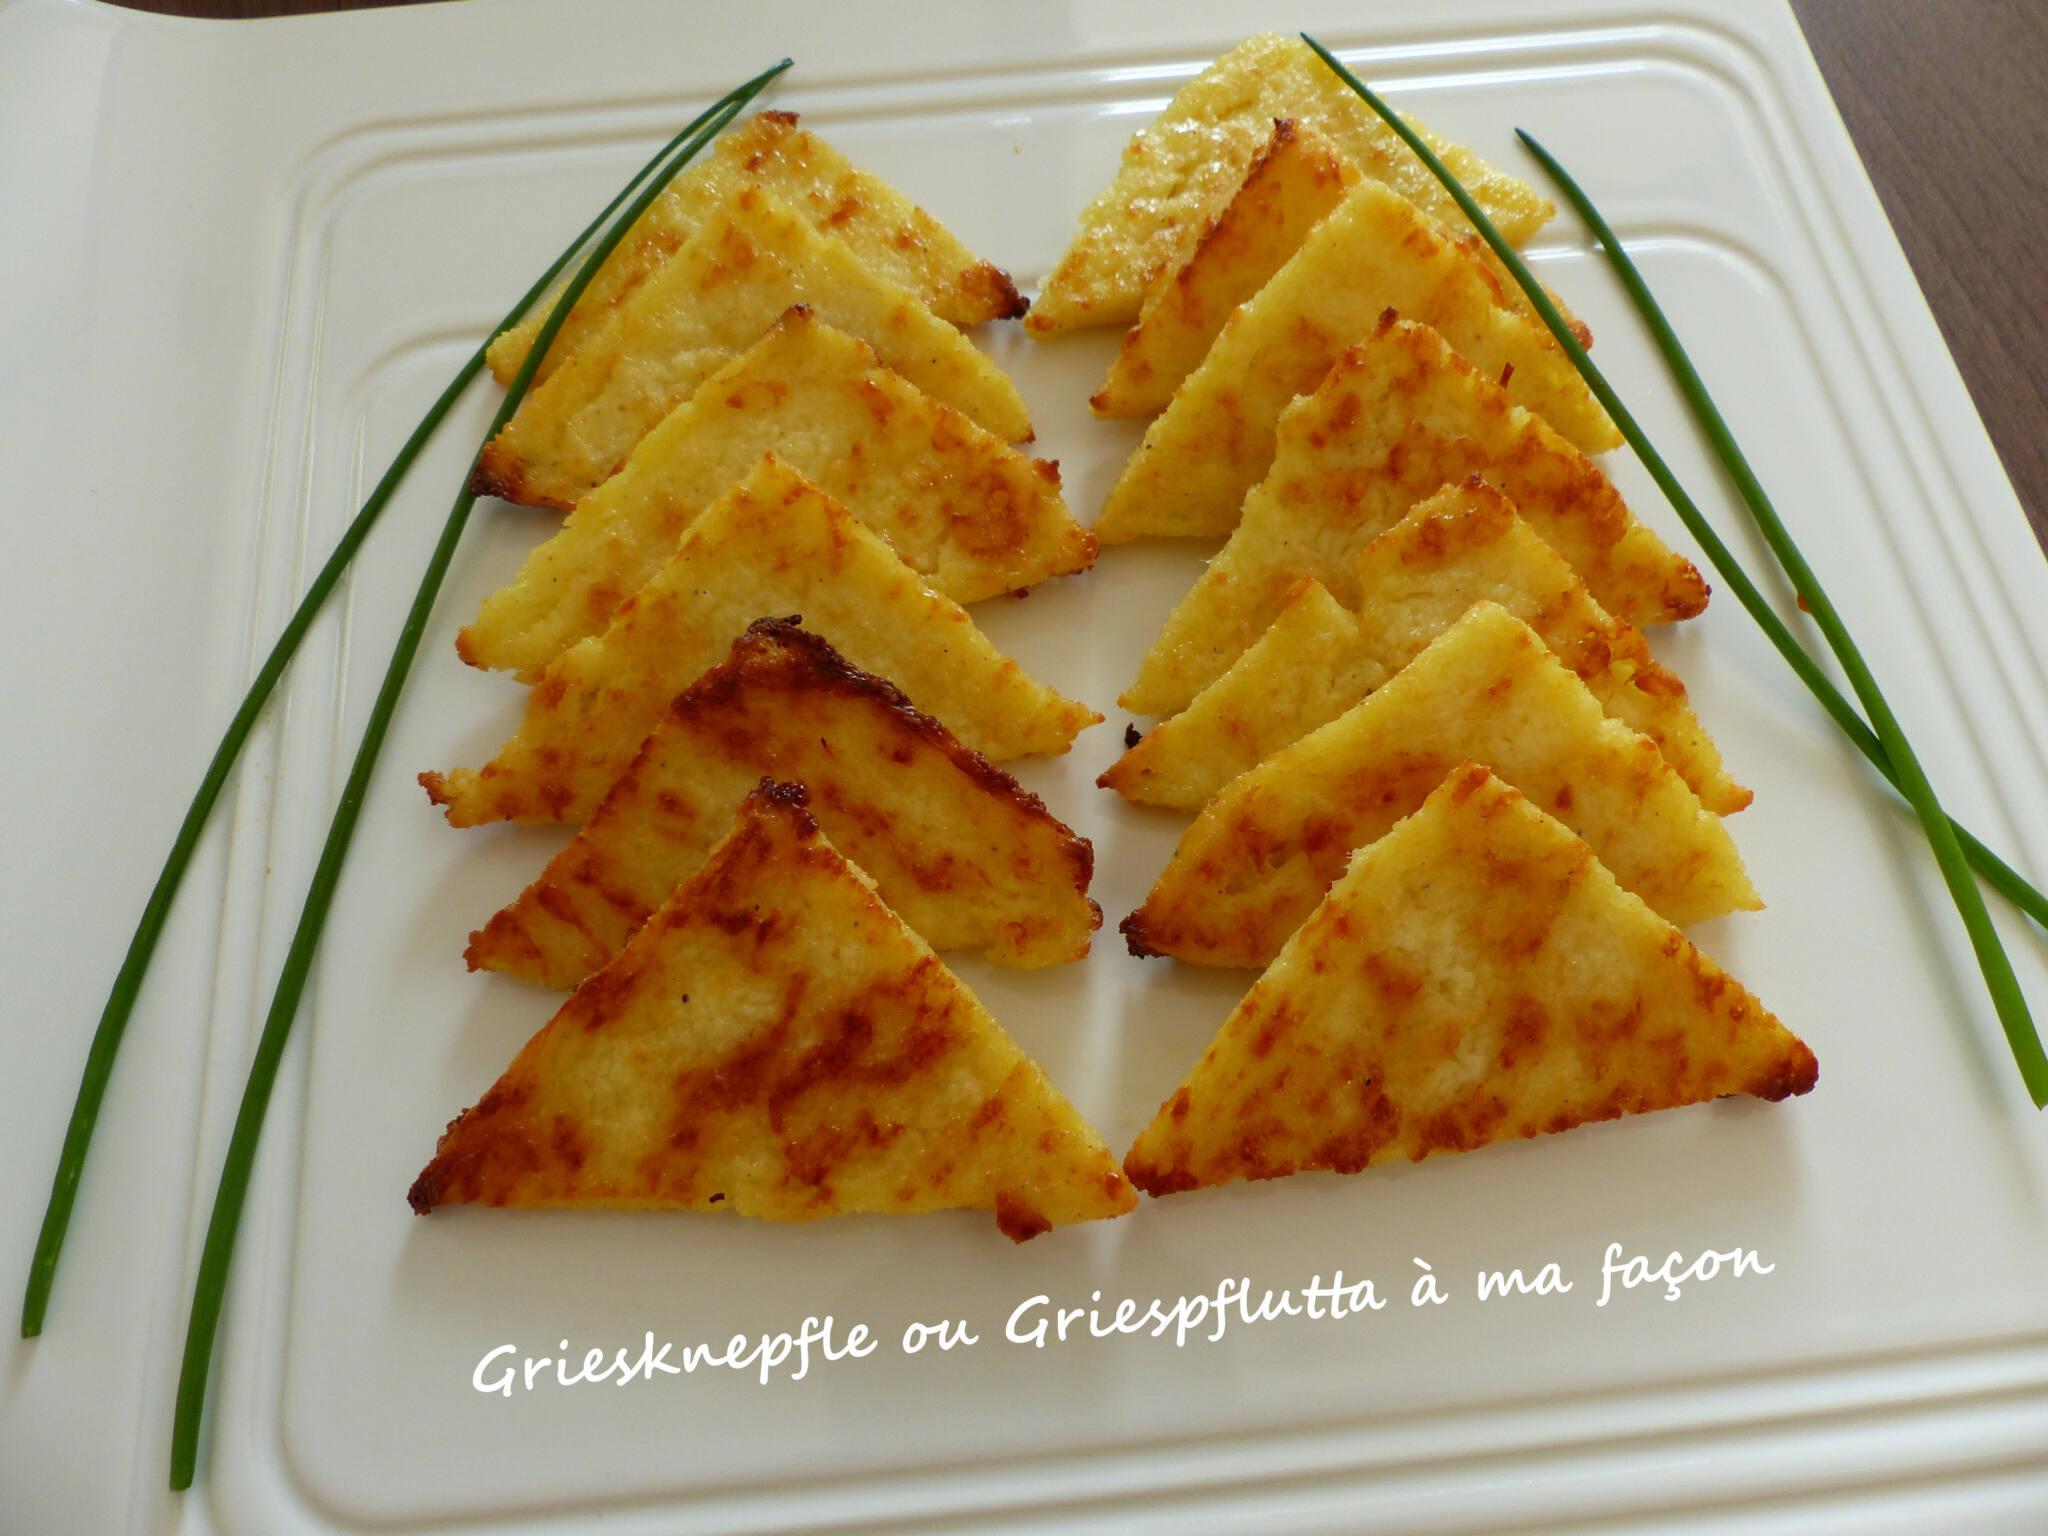 Griesknepfle ou Griespflutta à ma façon P1230836 R